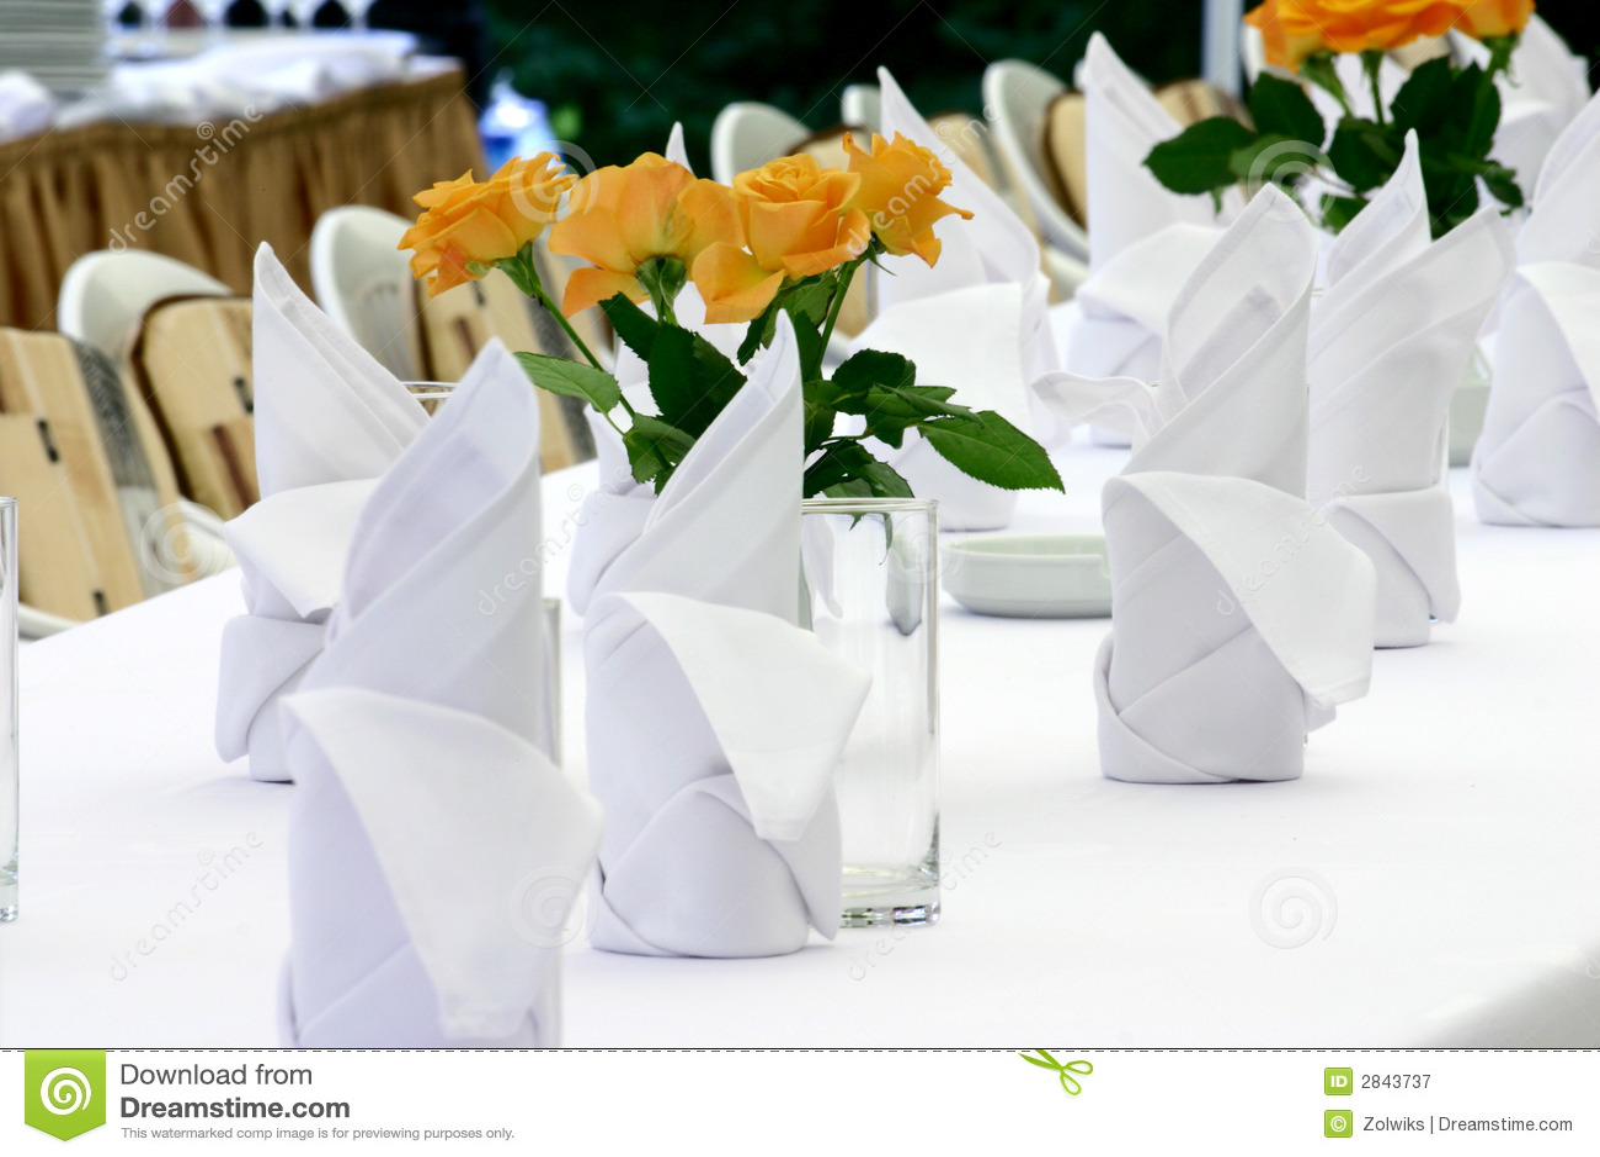 Servietten Und Rosen Stockbild Bild Von Blume Dekoration 2843737